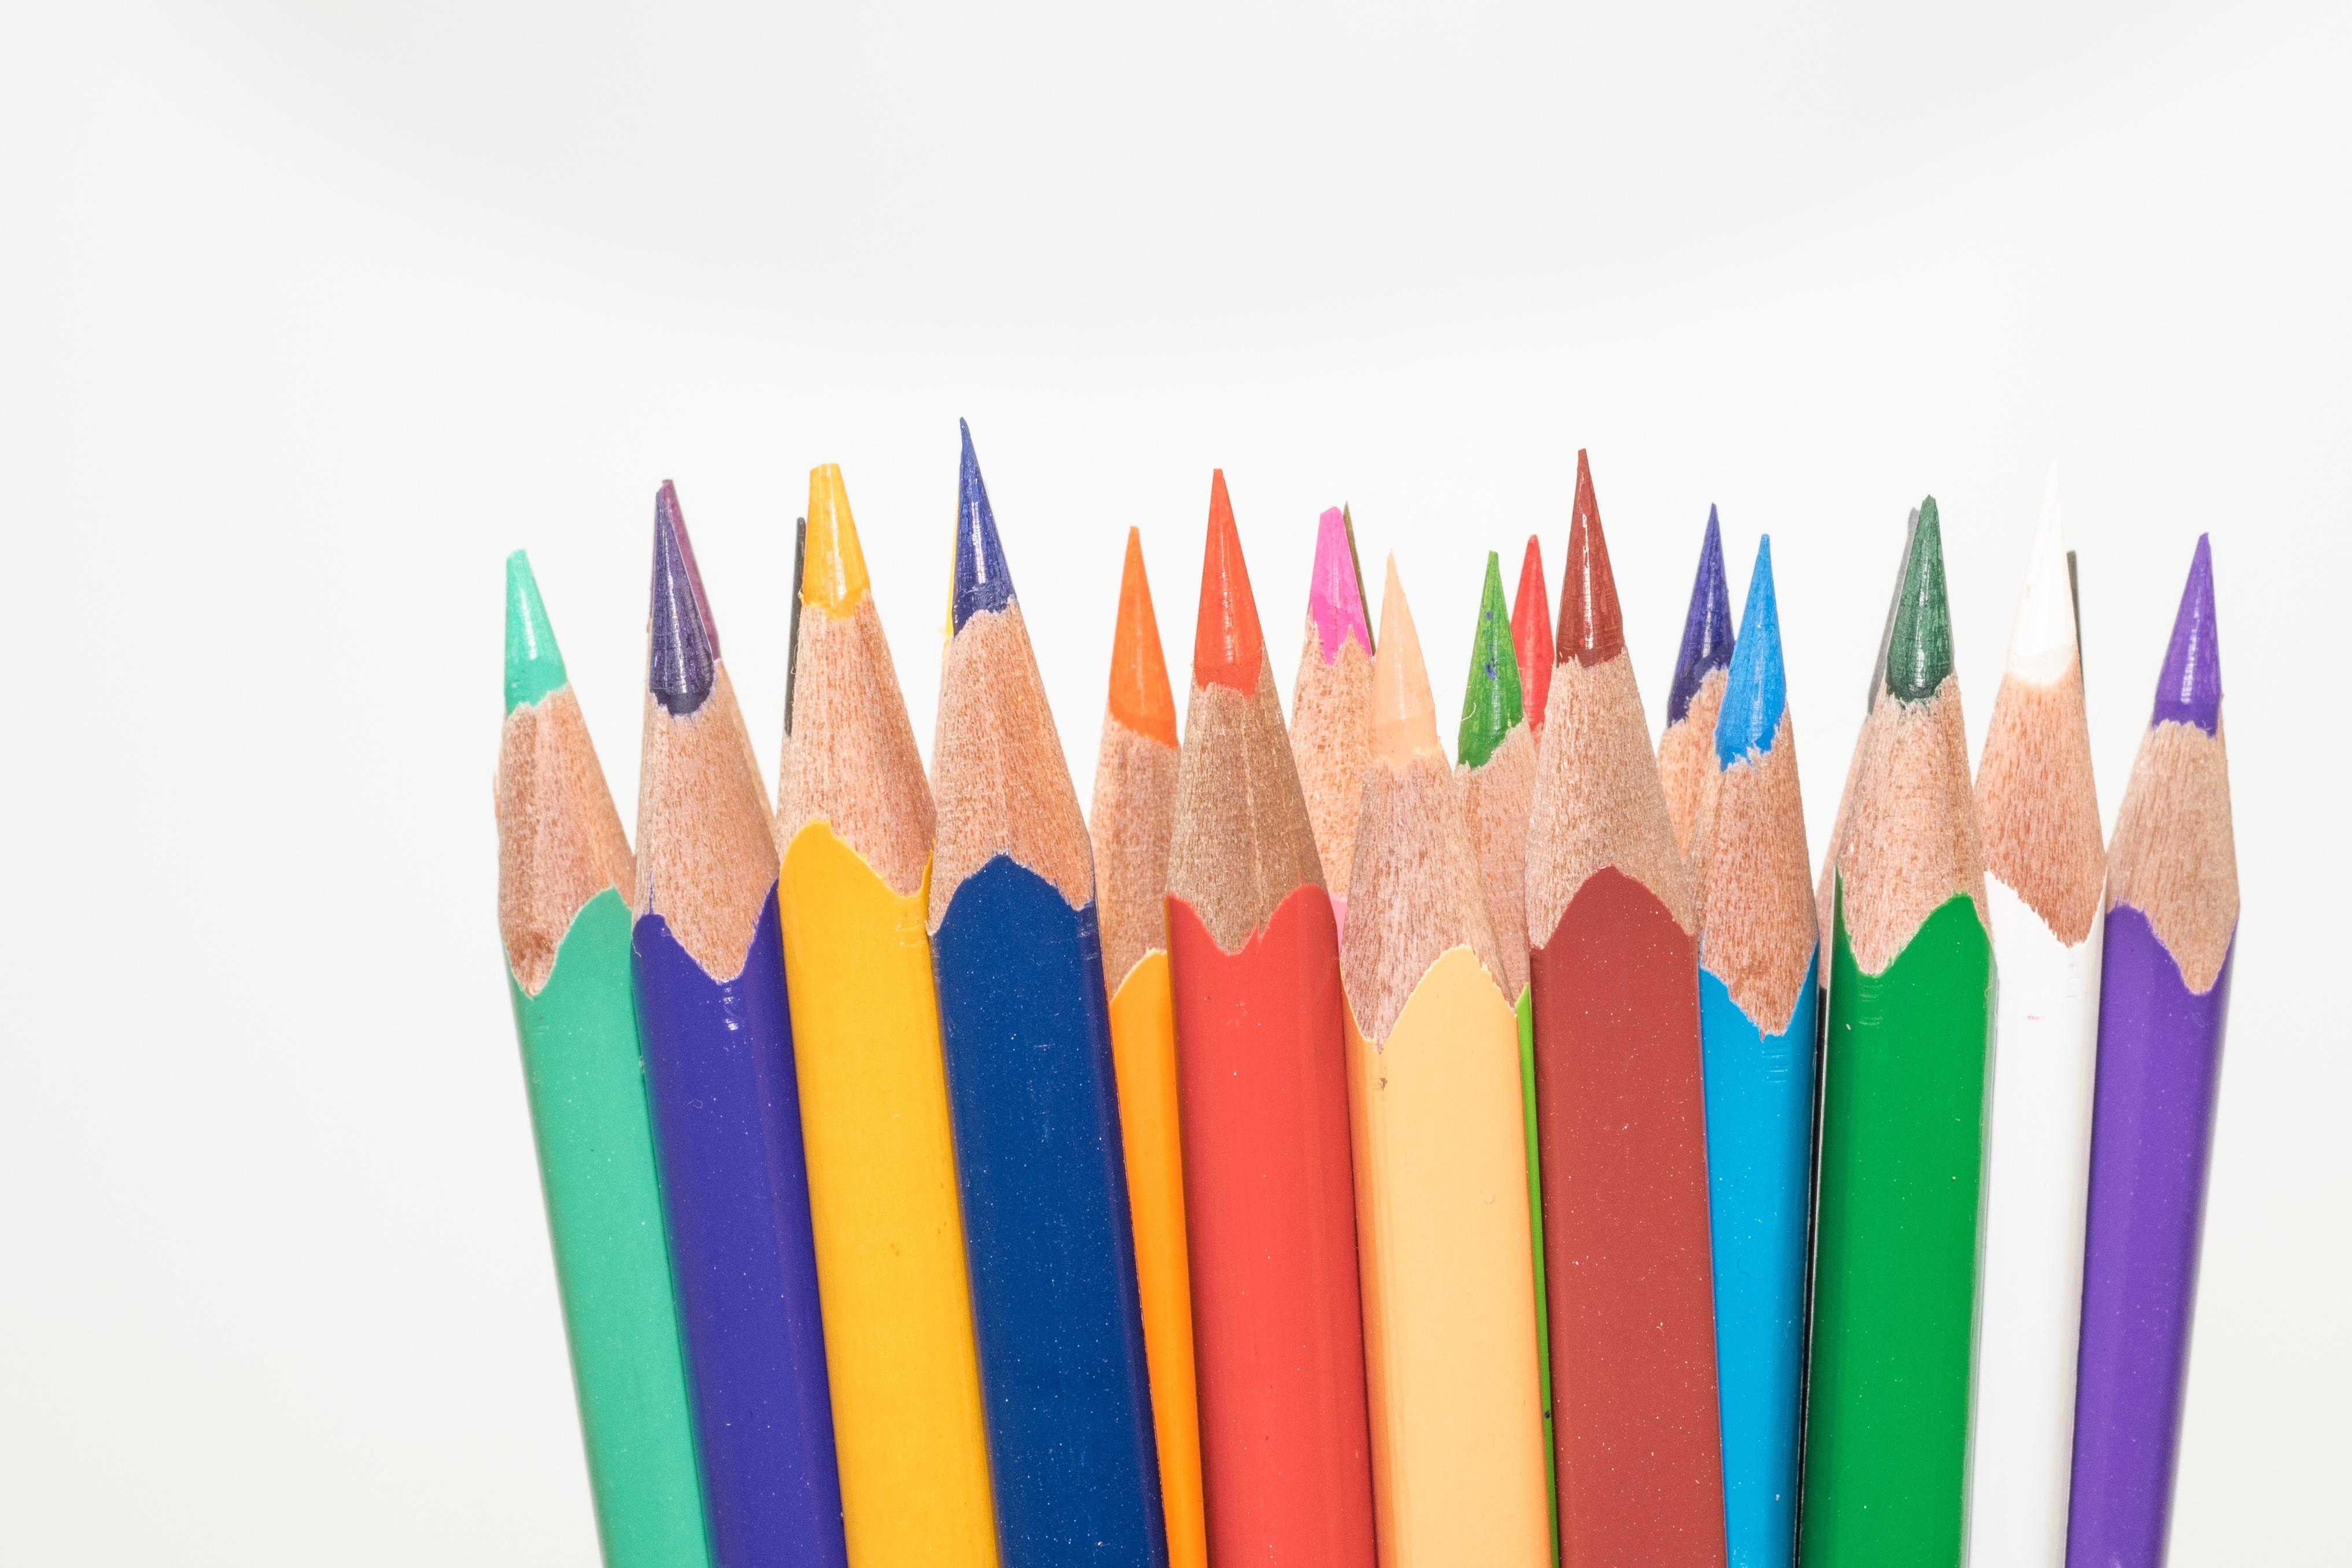 этот большие картинки цветных карандашей нанесение логотипов